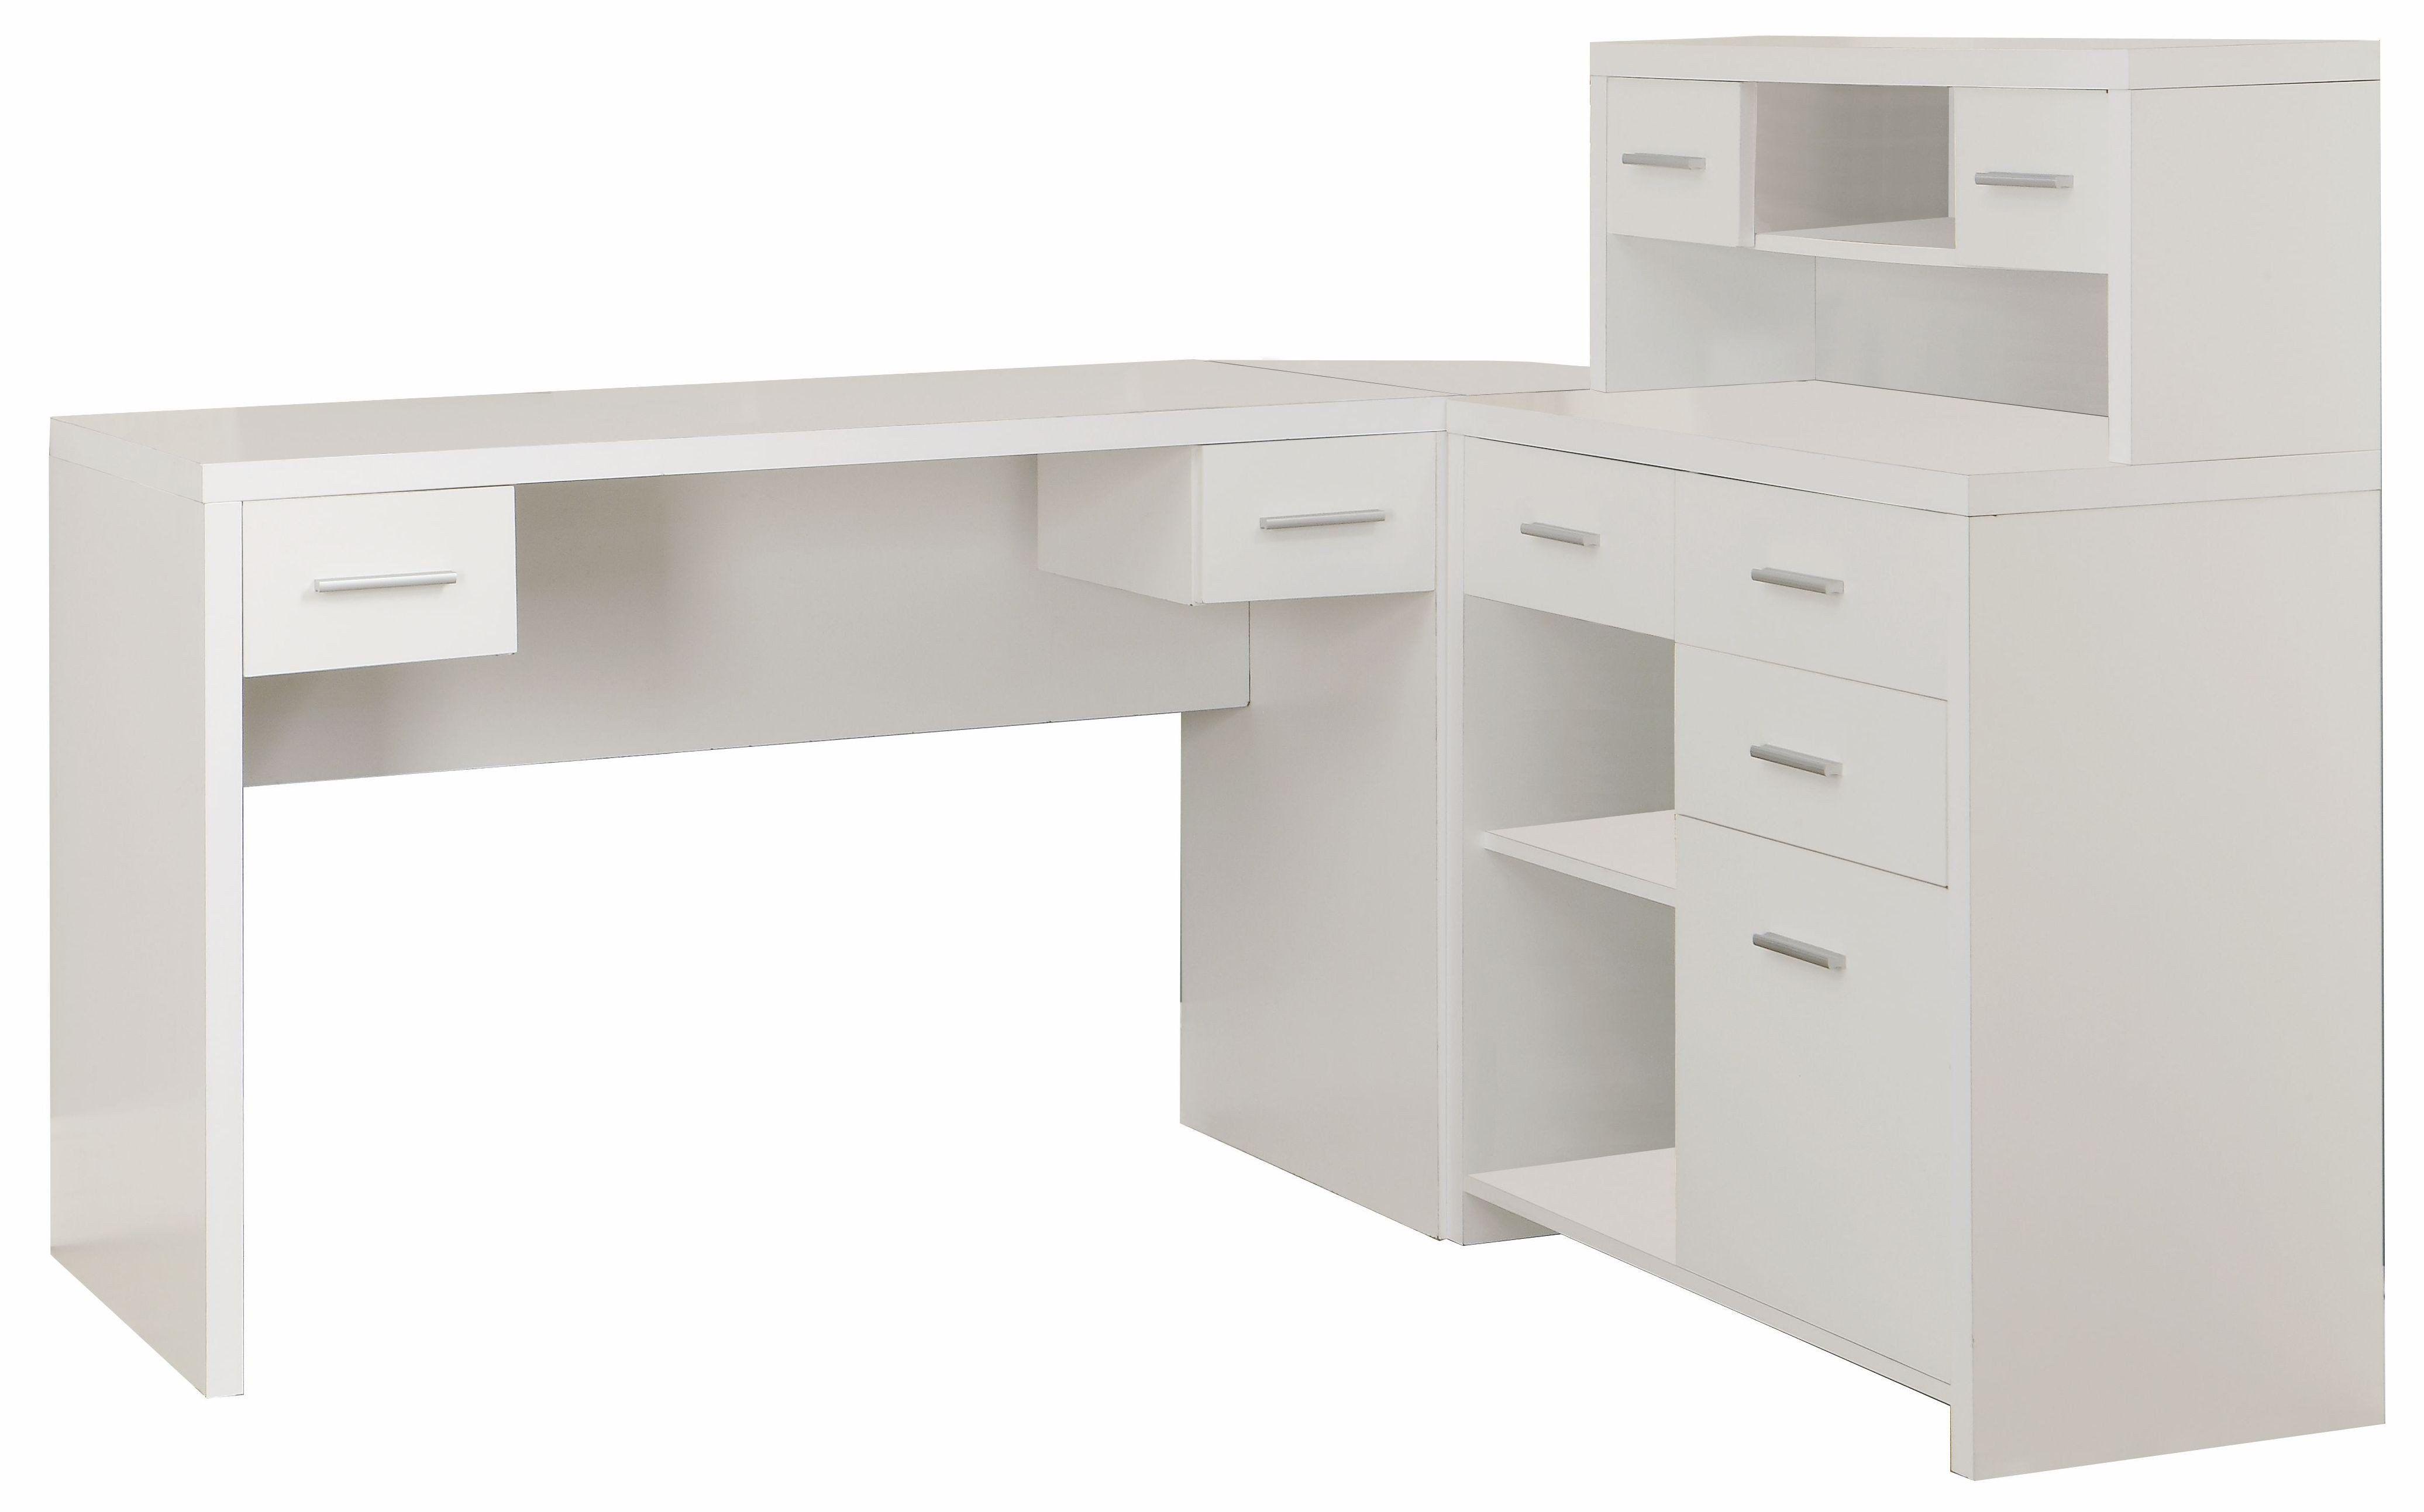 Sleek White Finished L Shaped Corner Office Desk With Storage In 2020 White Desks Home Office Desks Office Desk For Sale